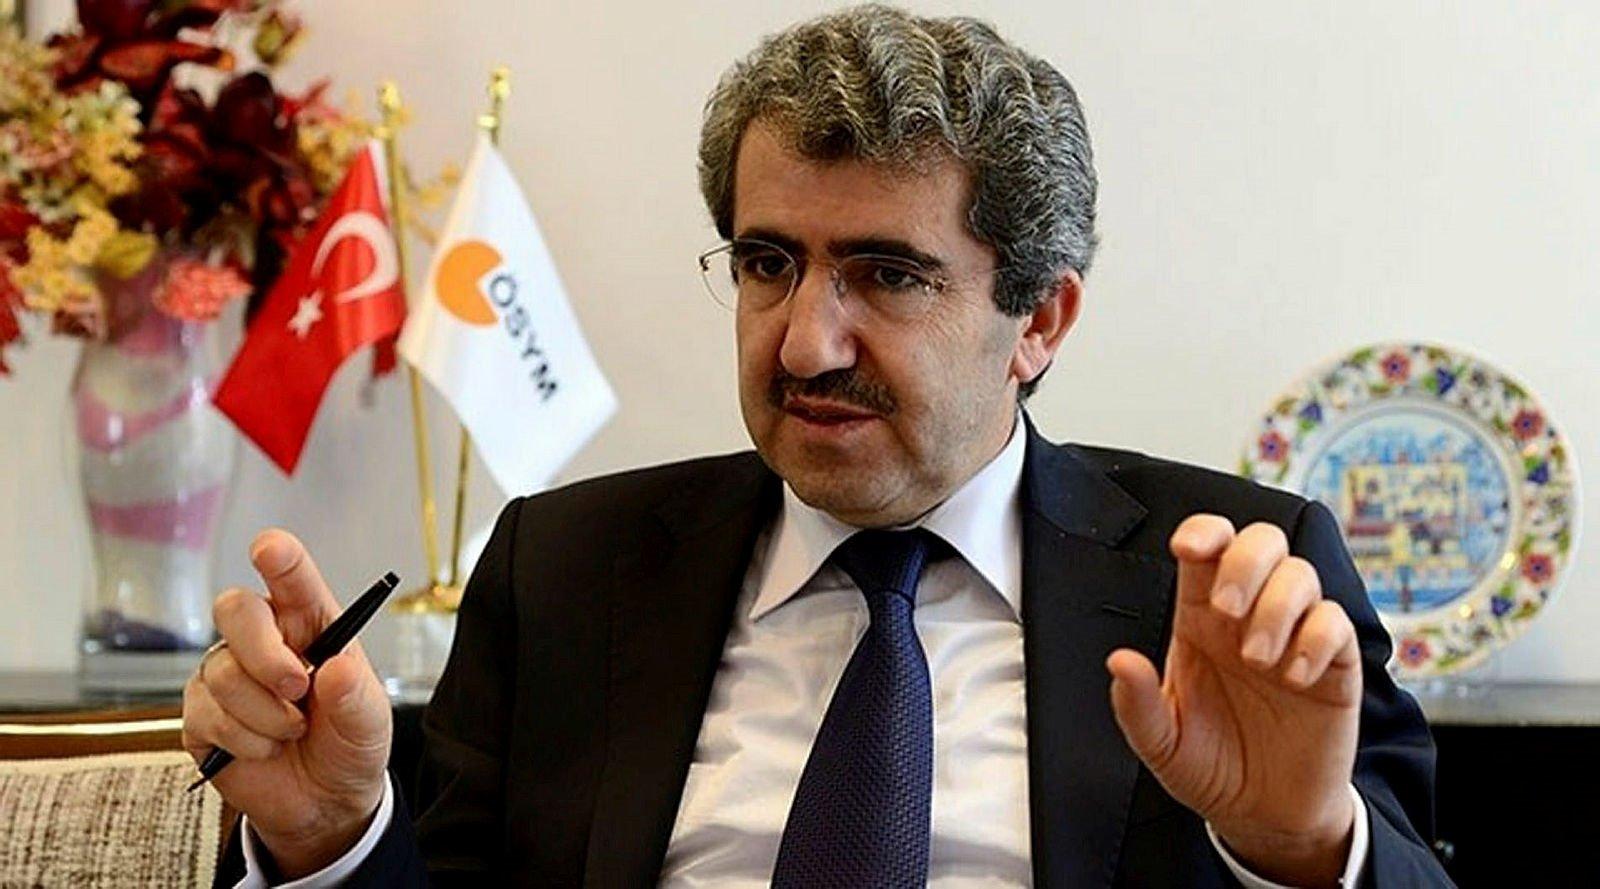 FETÖ sanığı eski ÖSYM Başkan Yardımcısı Ömer Pekşen'e hapis cezası